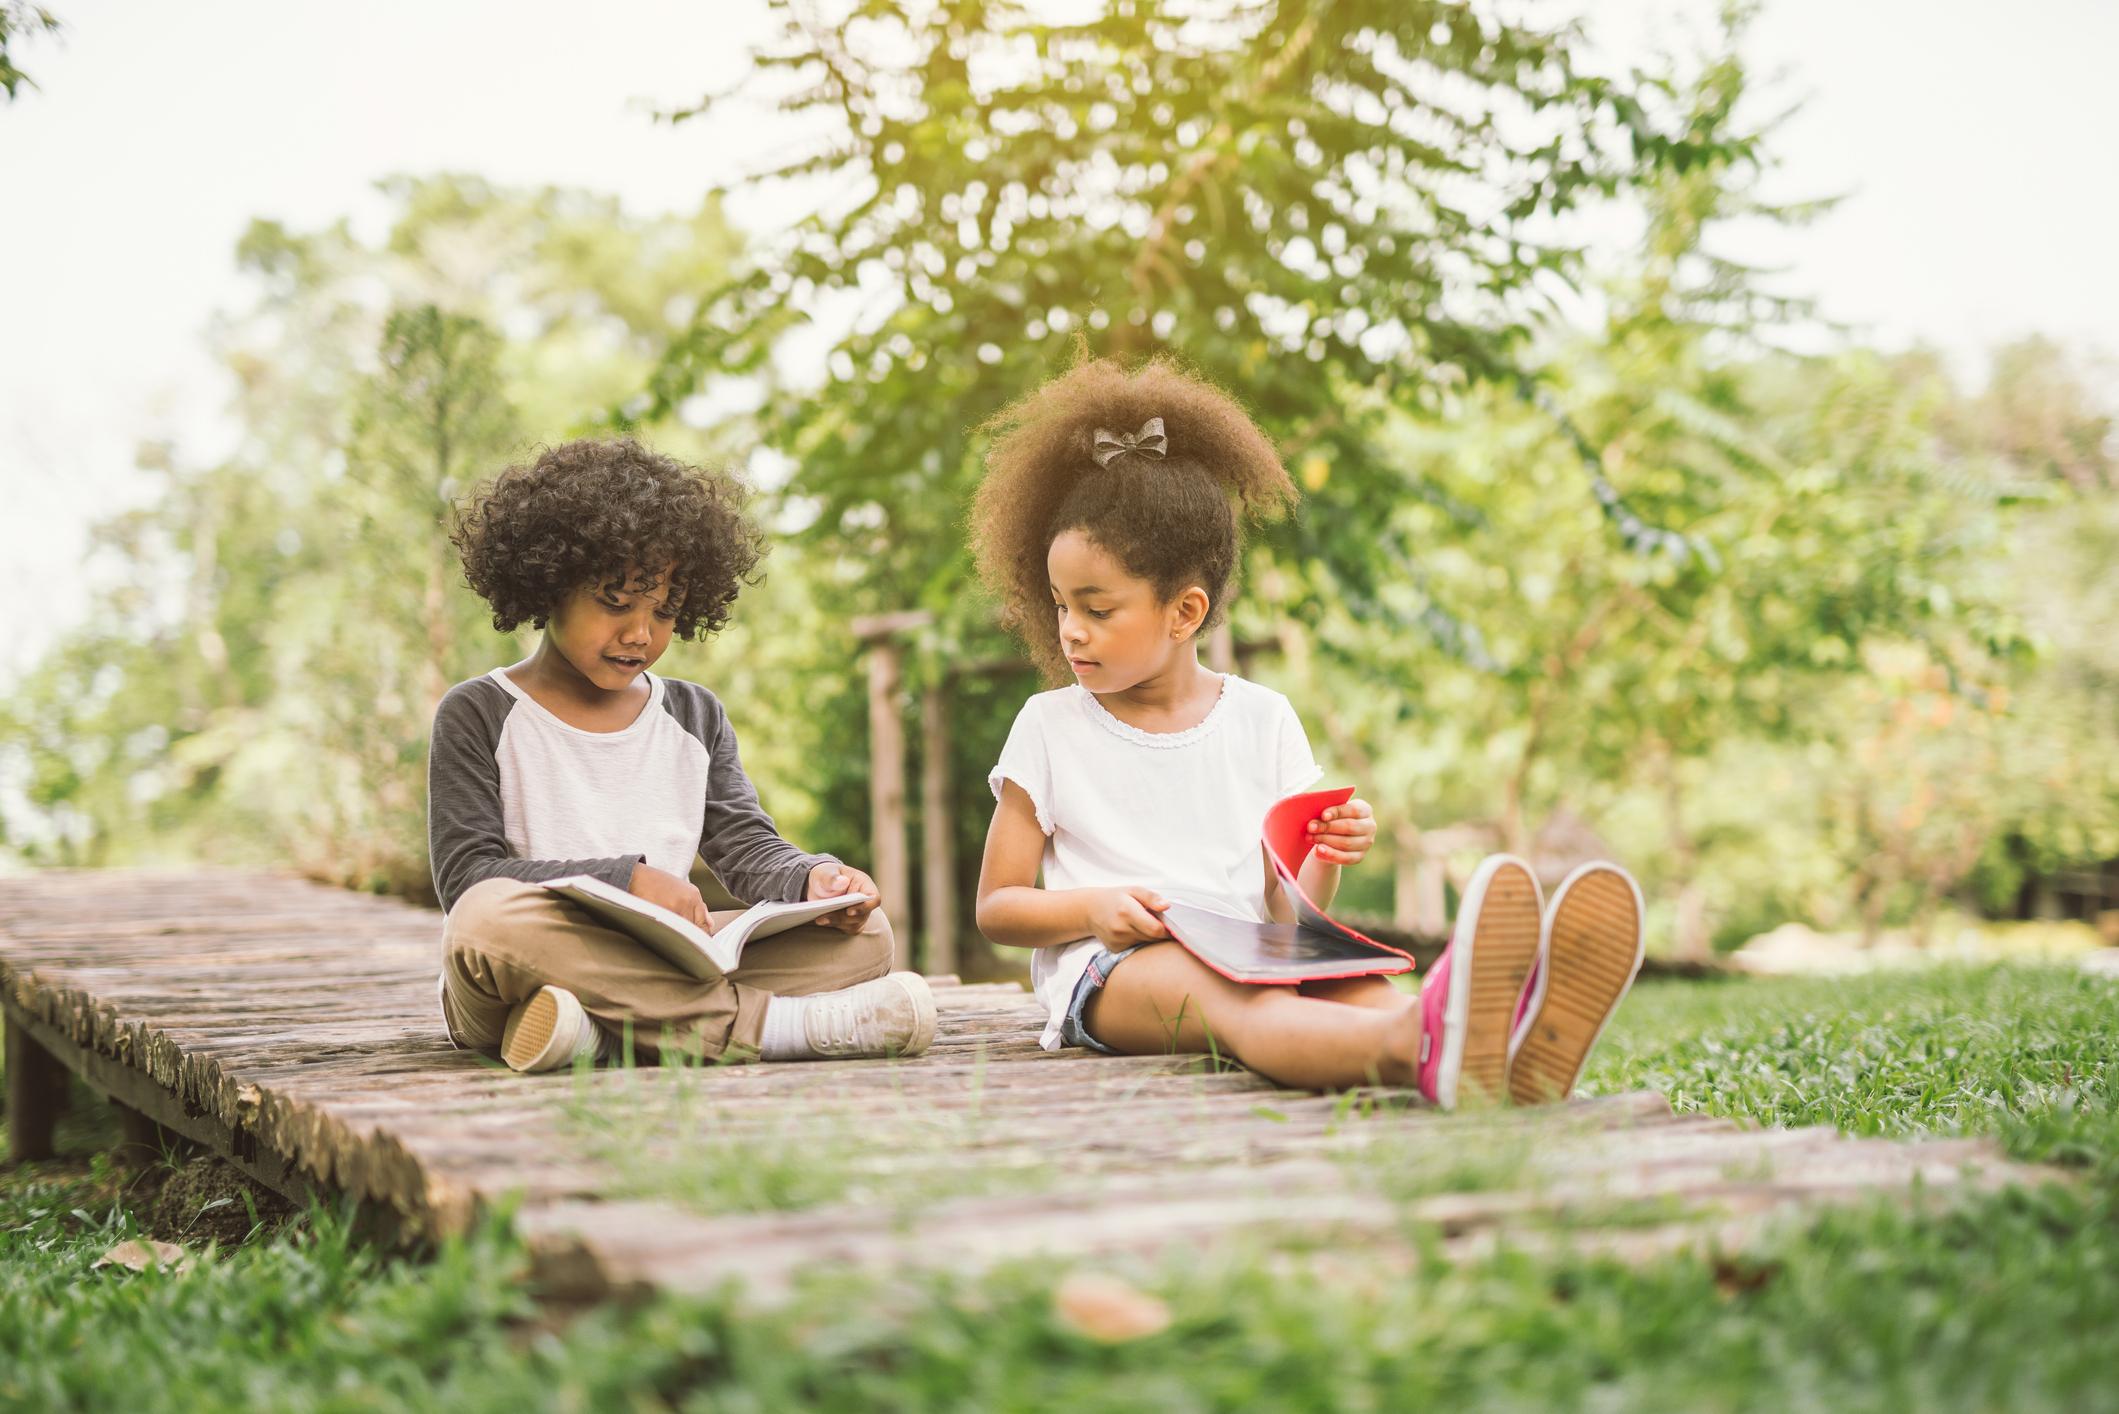 2019 Brunssum Library Summer Reading Program